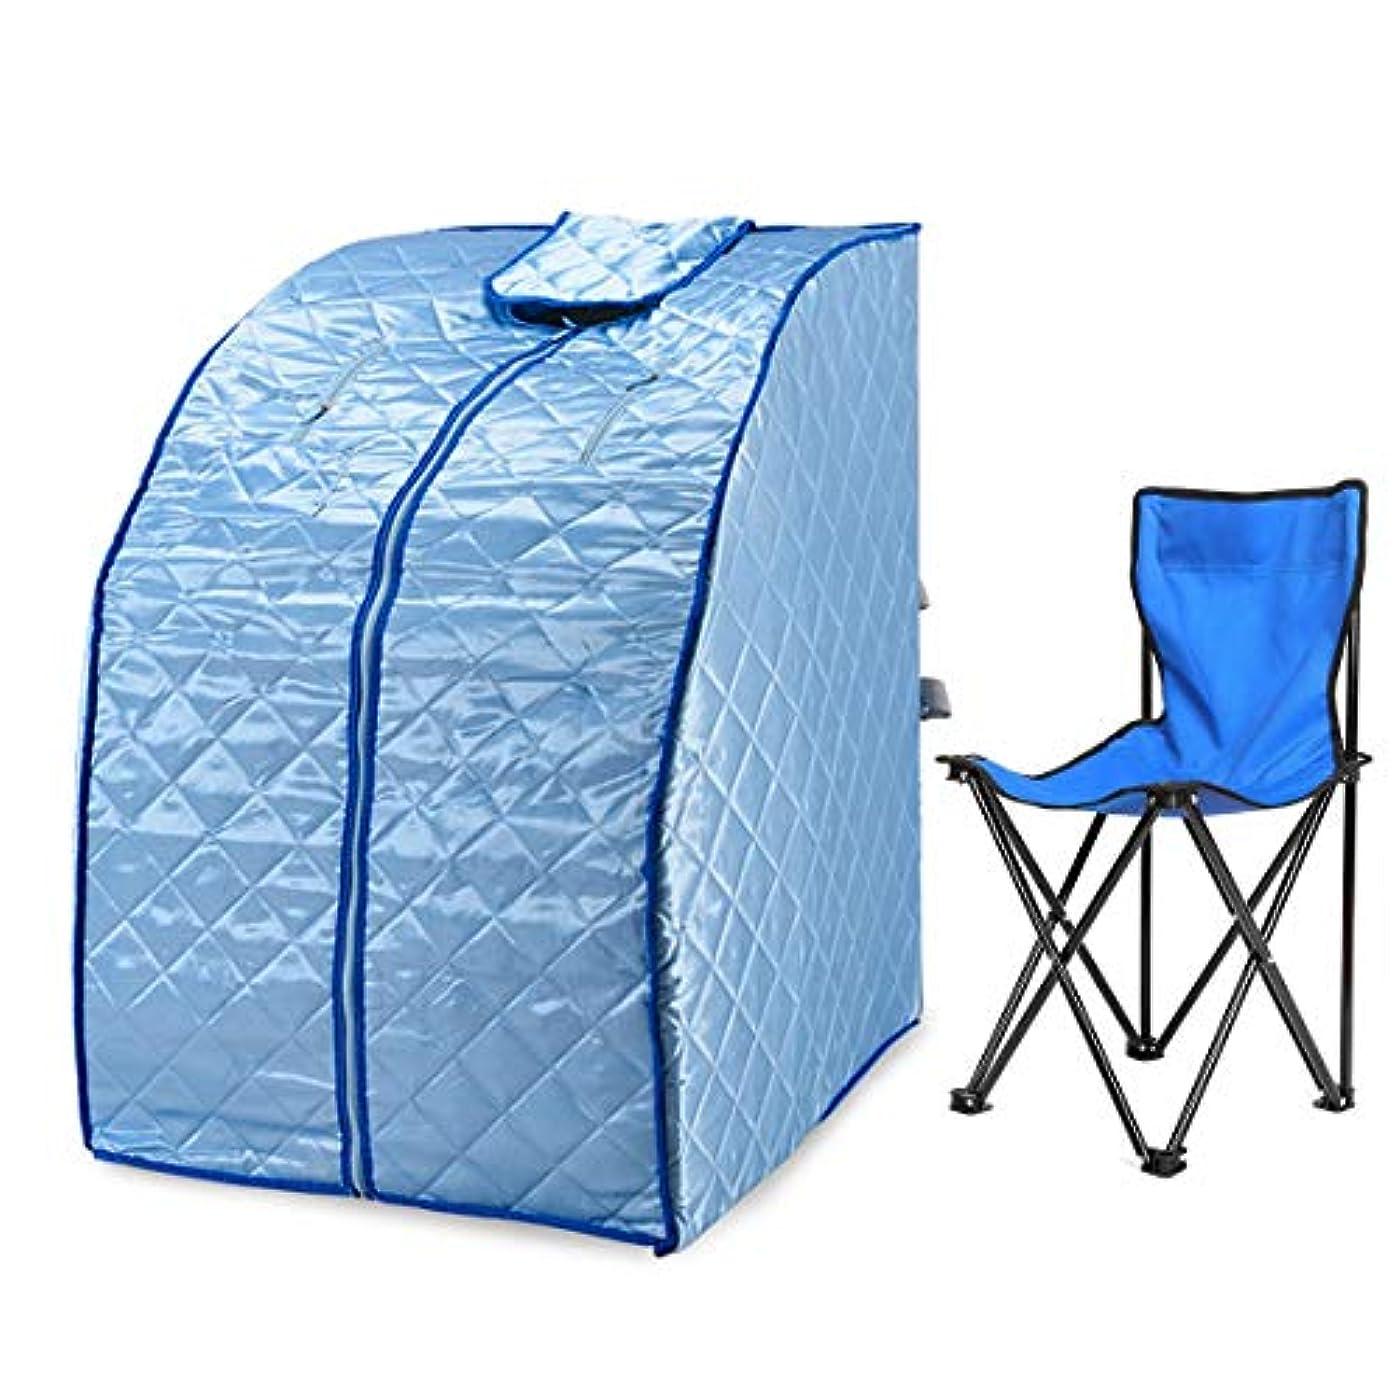 眩惑する腰機動遠赤外線 サウナ と 椅子 ポータブル ヒータ サウナボックス 屋内 折り畳み サウナスチームキャビン パーソナル スパ 体重が減る そして 毒素を除去